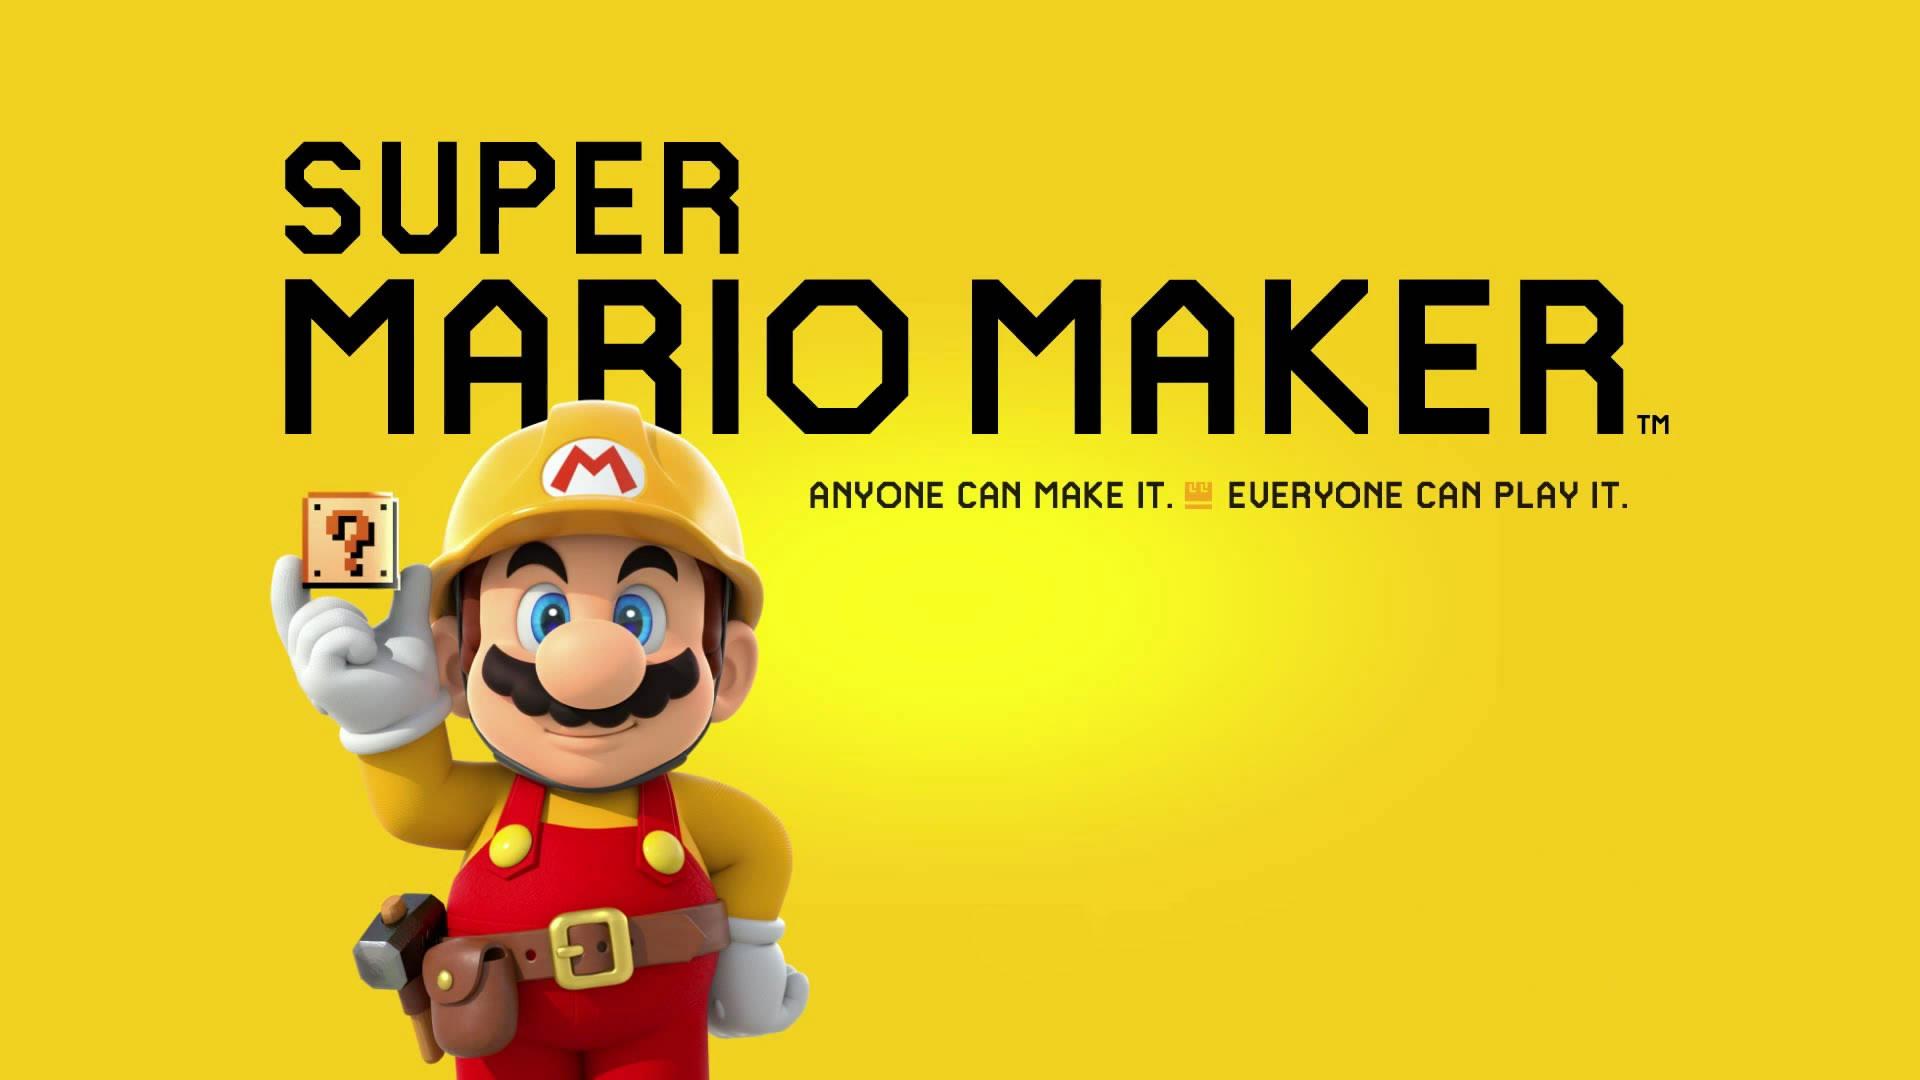 Course Clear - Super Mario Maker